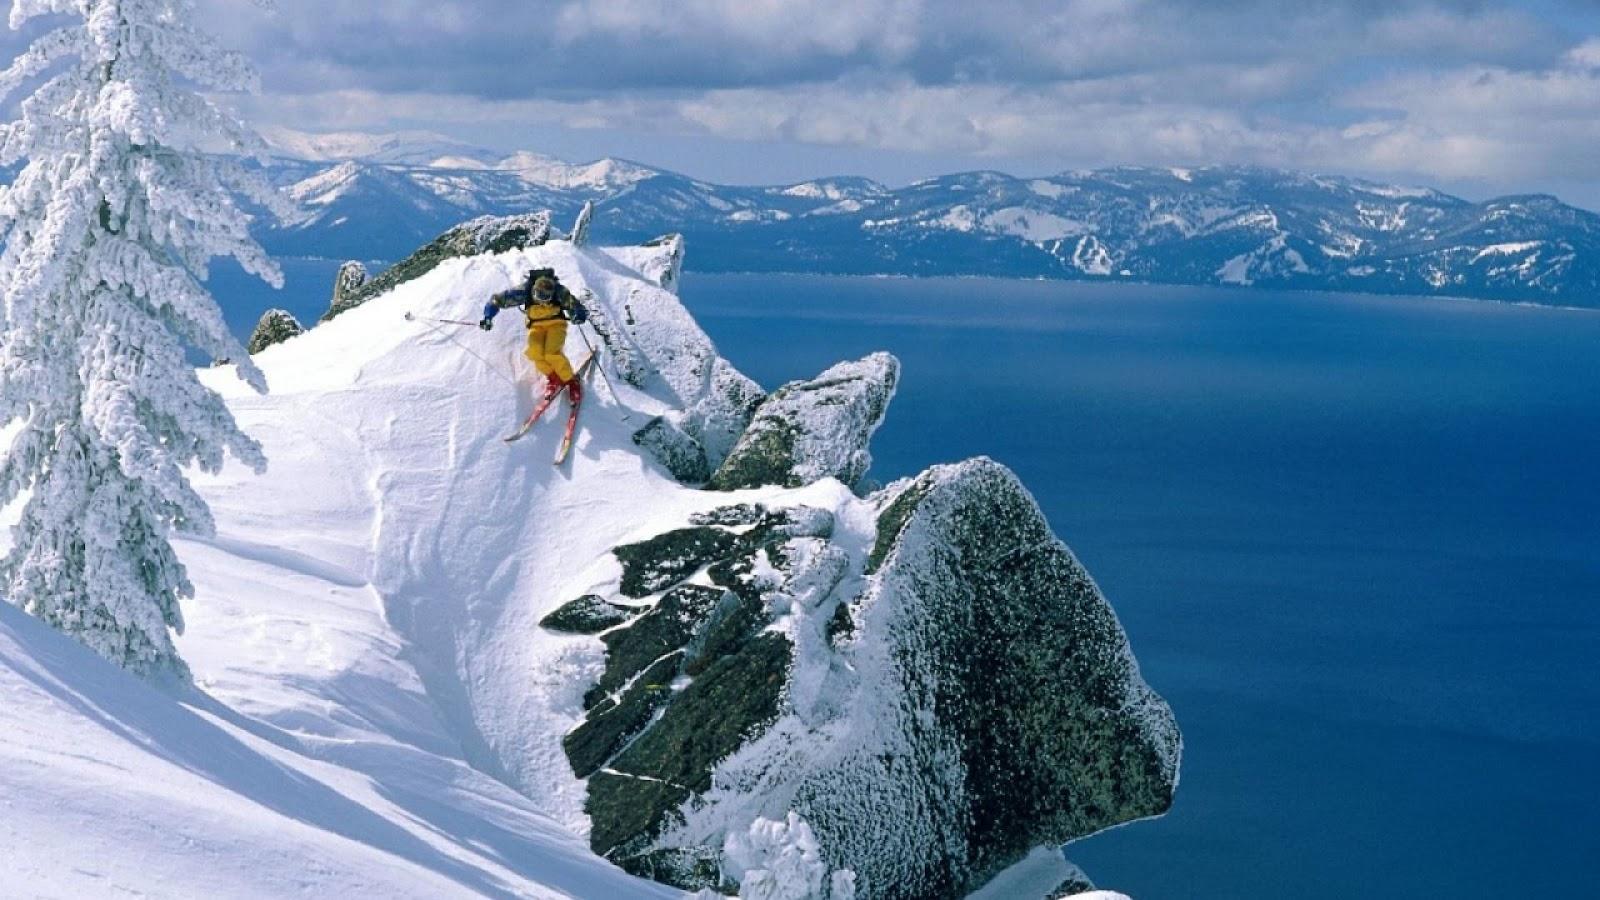 Skiing wallpaper wallpapersafari - Ski wallpaper ...